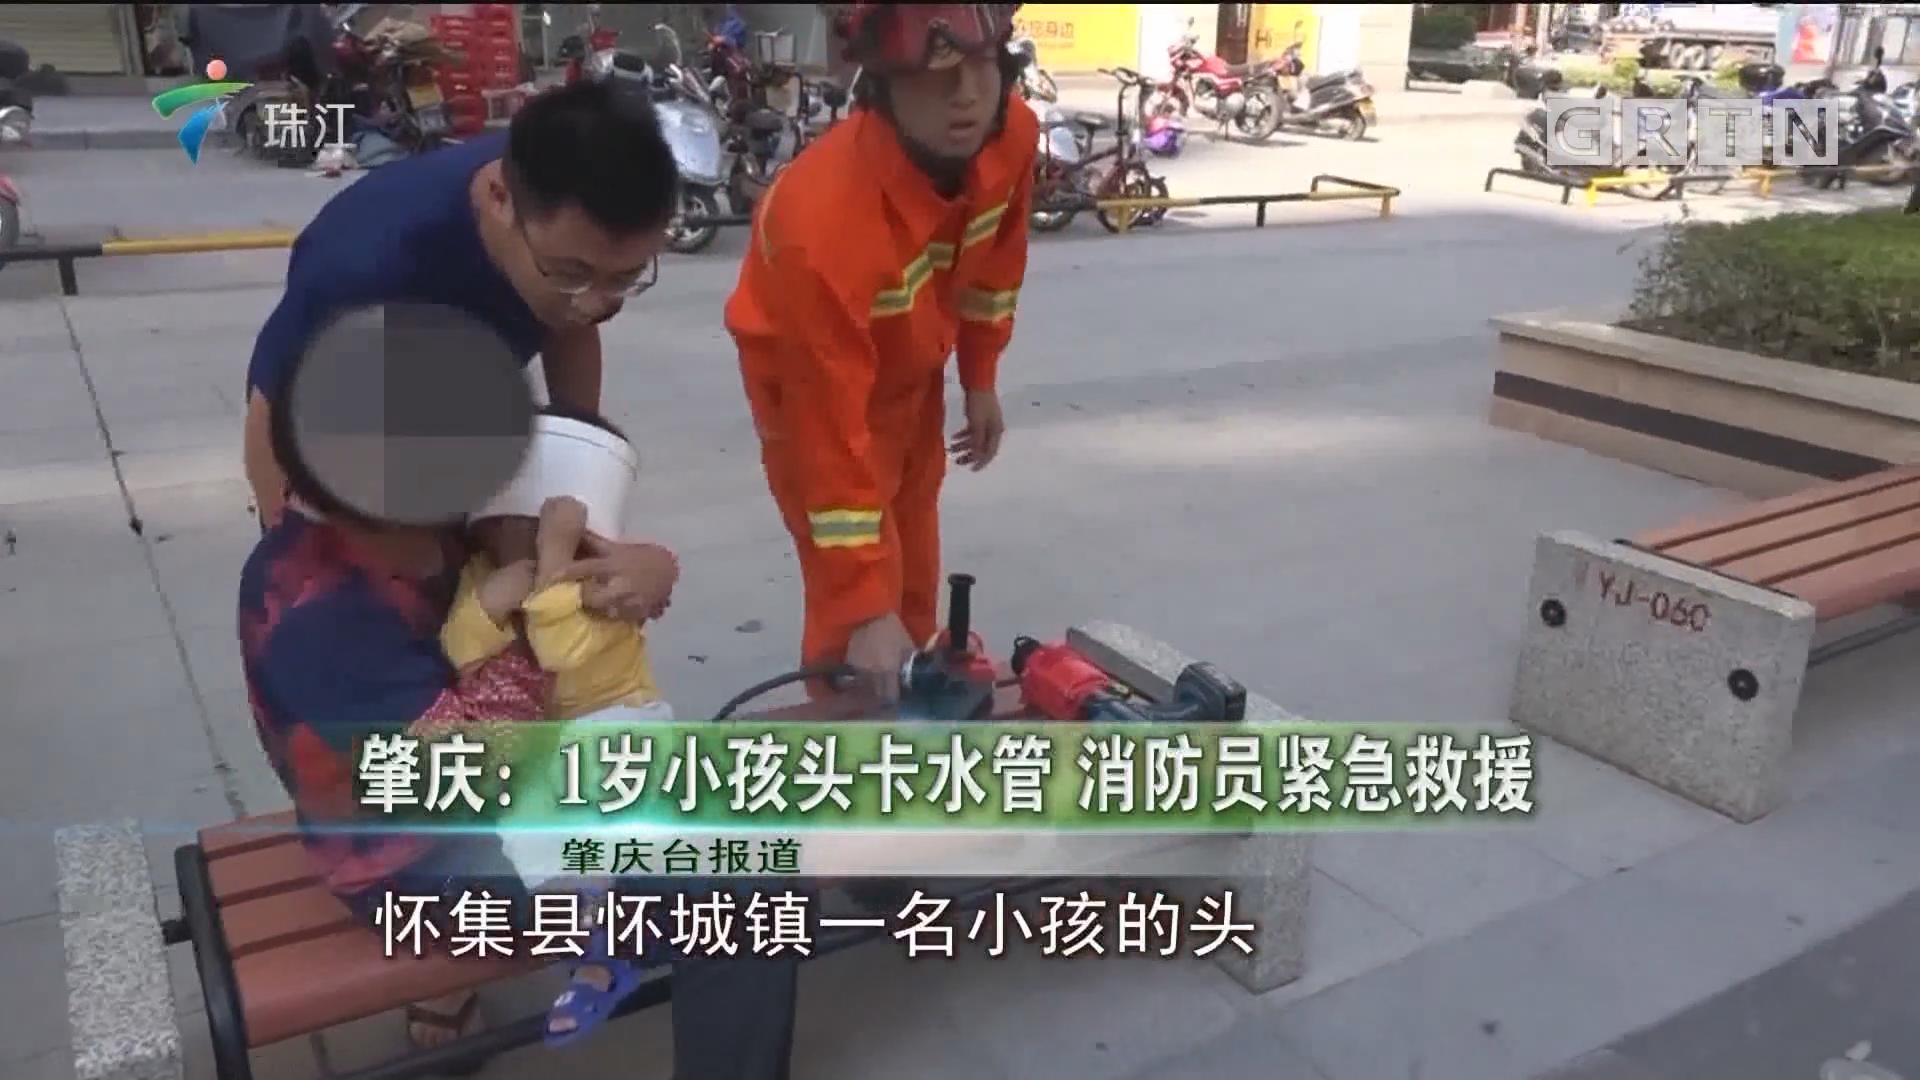 肇庆:1岁小孩头卡水管 消防员紧急救援